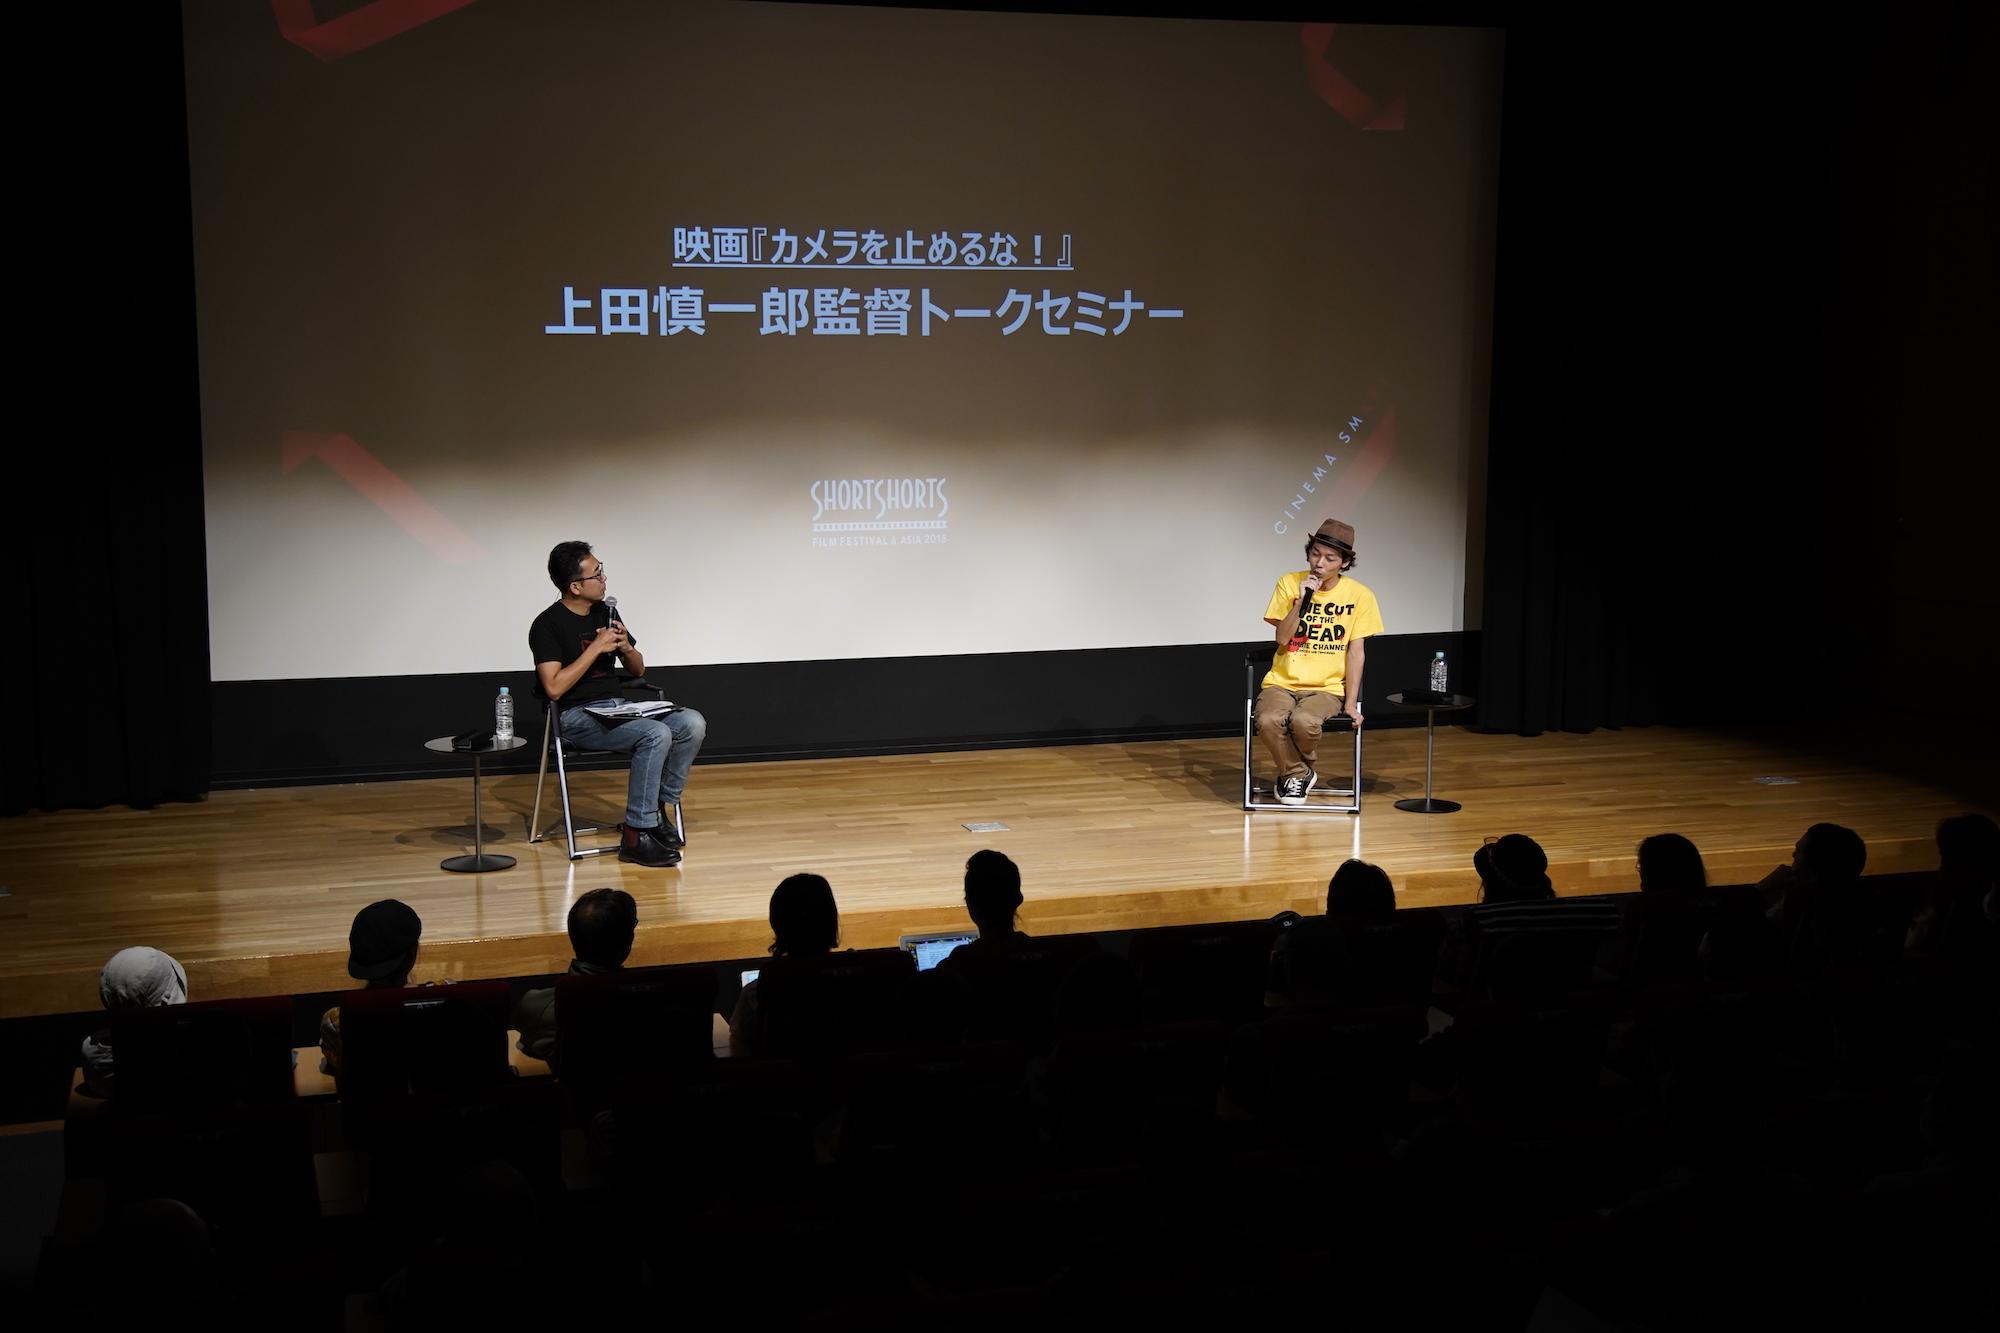 【レポート】10/11 (木) 佐津川愛美さん・SSFF & ASIA 20